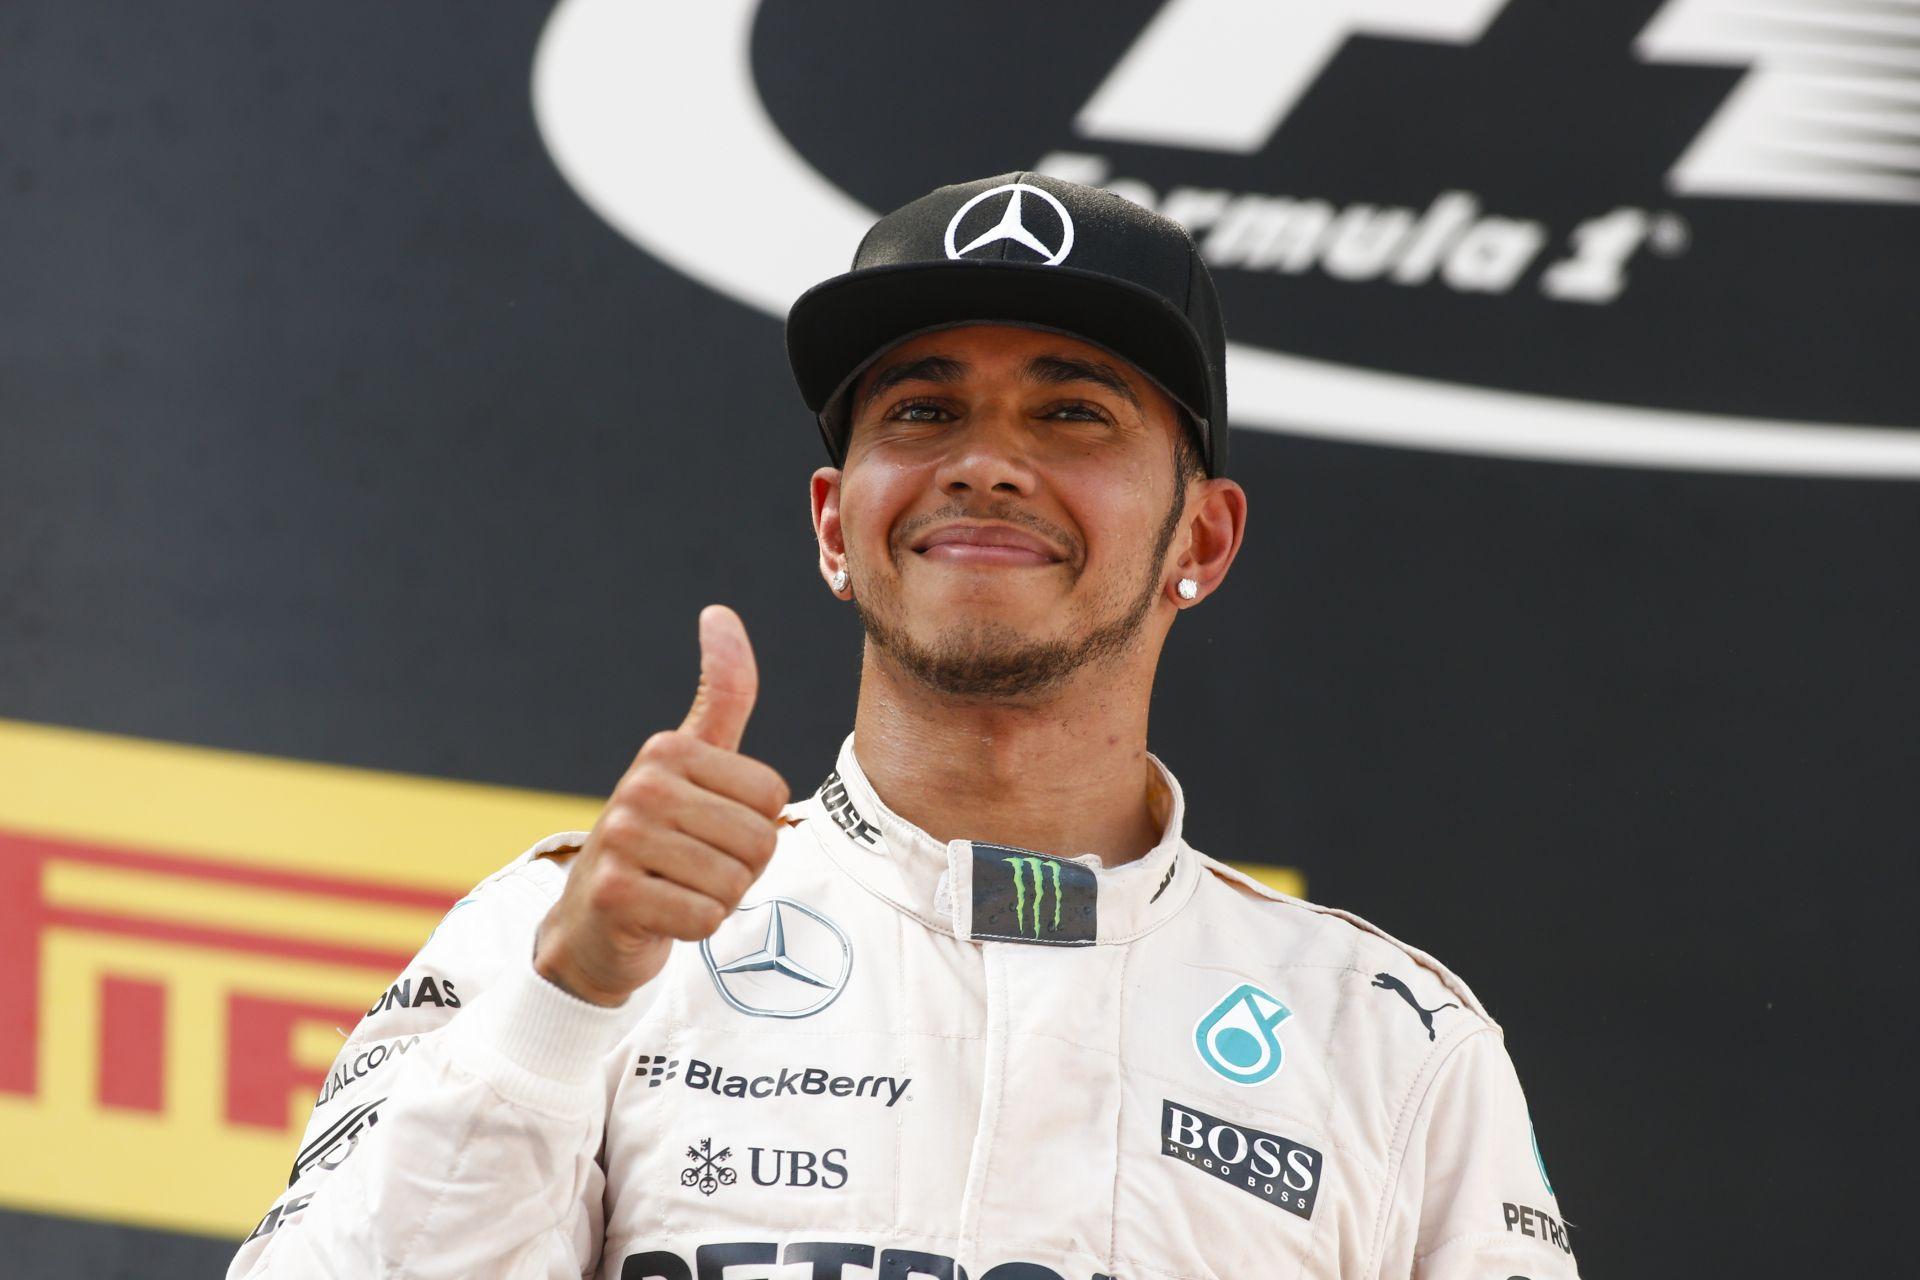 Sajtó: 100 millió dollárt kap Hamilton a Mercedestől